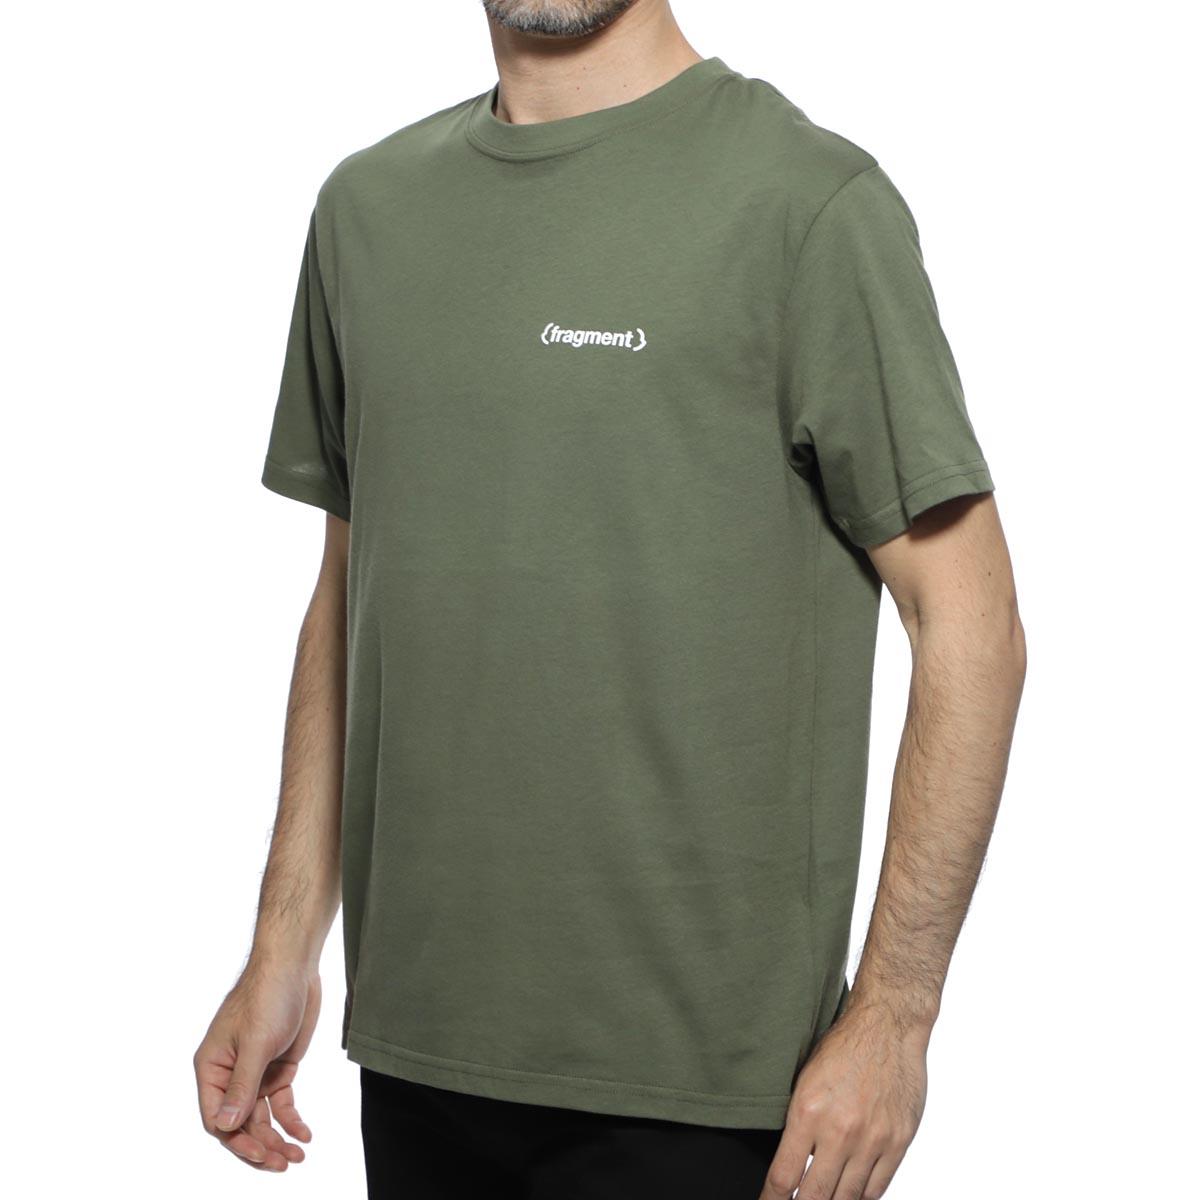 トップス, Tシャツ・カットソー  MONCLER T 8002450 8392b 89a MONCLER GENIUS 7 FRAGMENT HIROSHI FUJIWARA